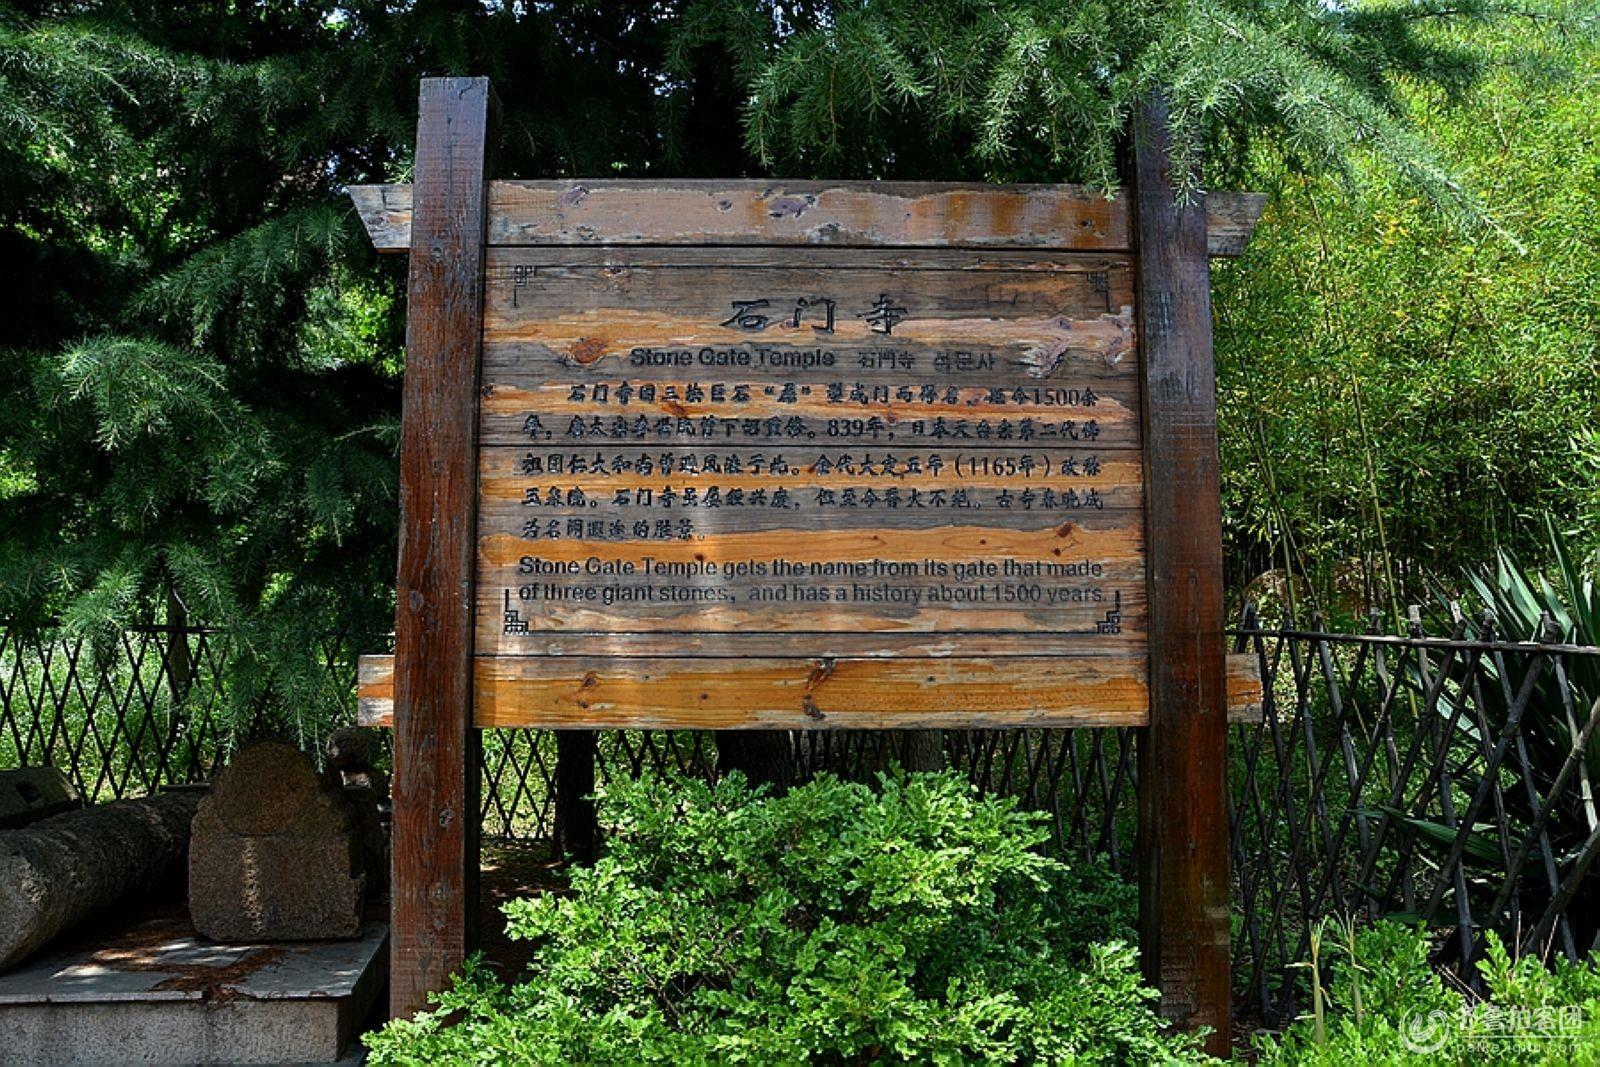 游大珠山石门寺 - 青岛拍客 - 齐鲁社区 - 山东最大的